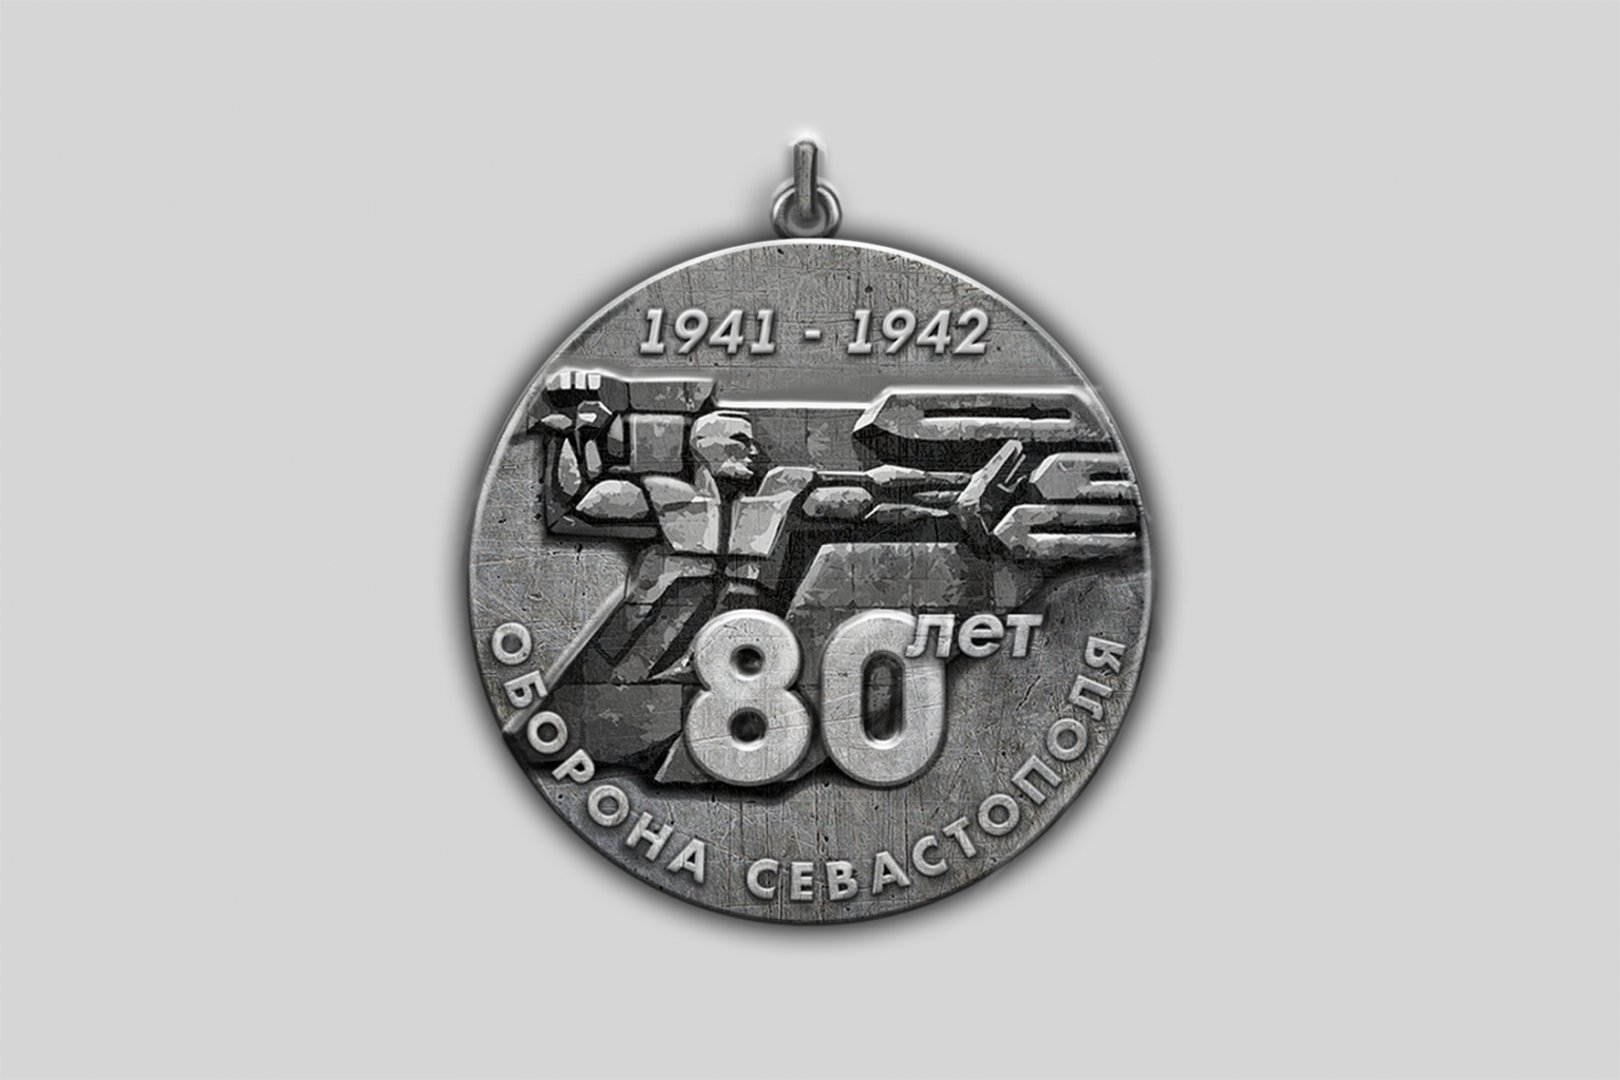 20210901-Голосование за эскиз памятного знака к 80-й годовщине обороны Севастополя-pic11